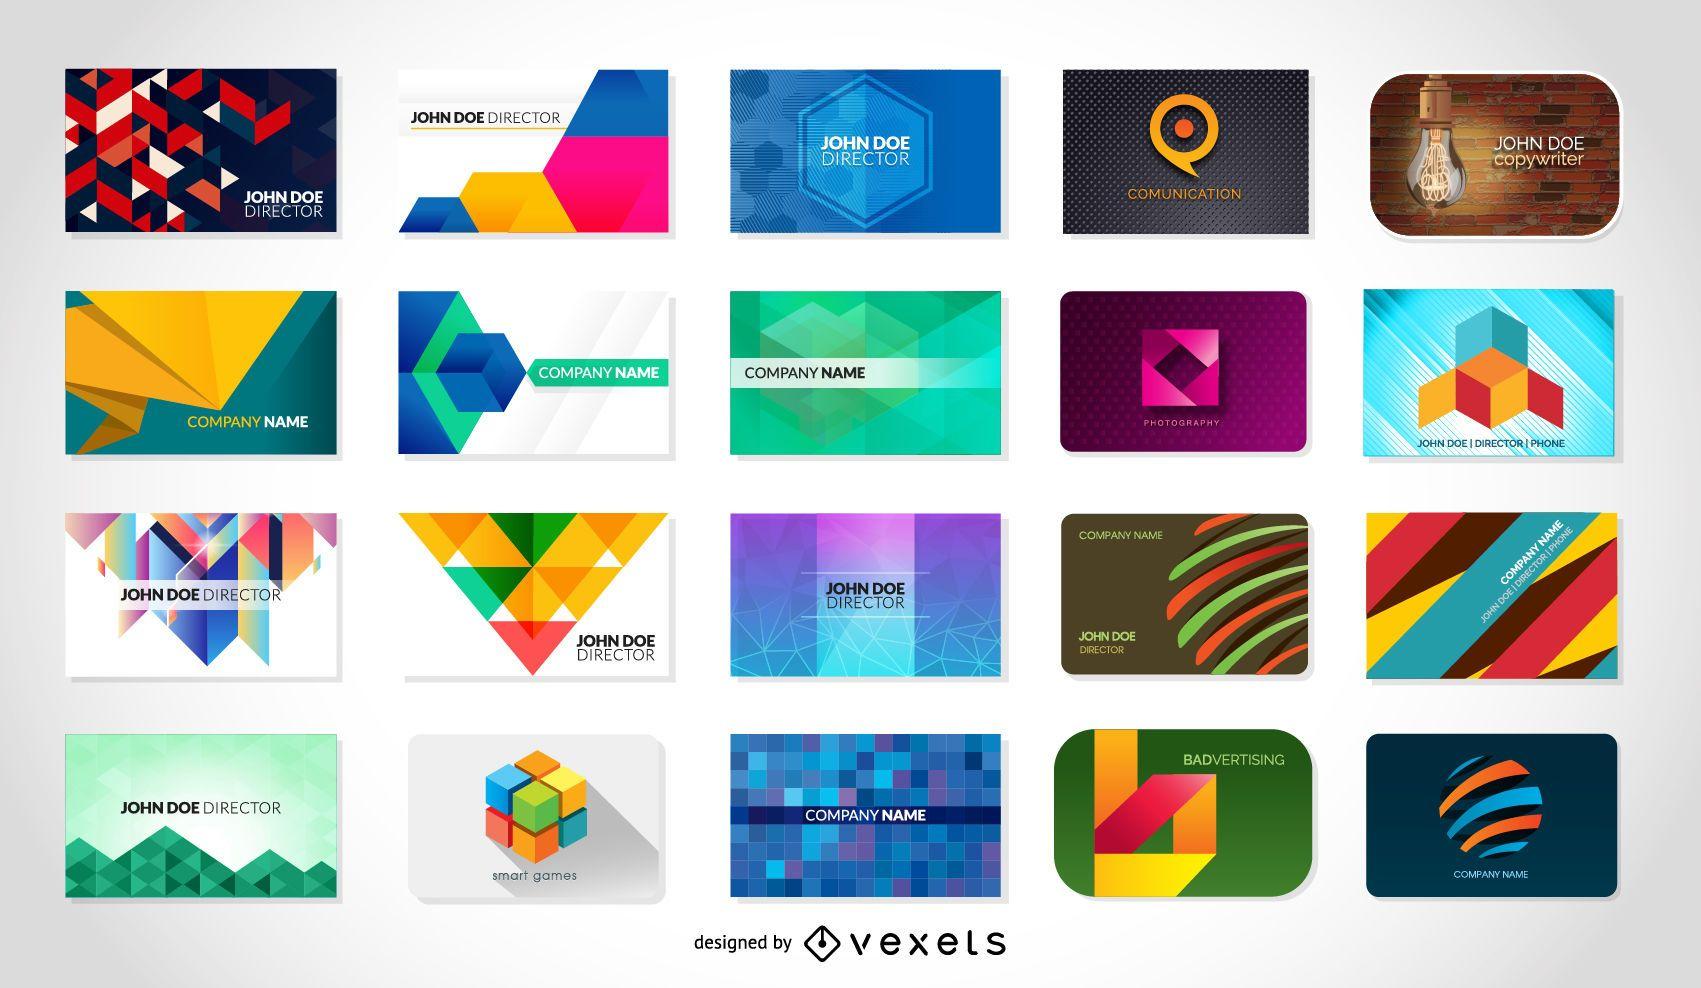 Plantillas de tarjetas de negocios gratis - Descargar vector